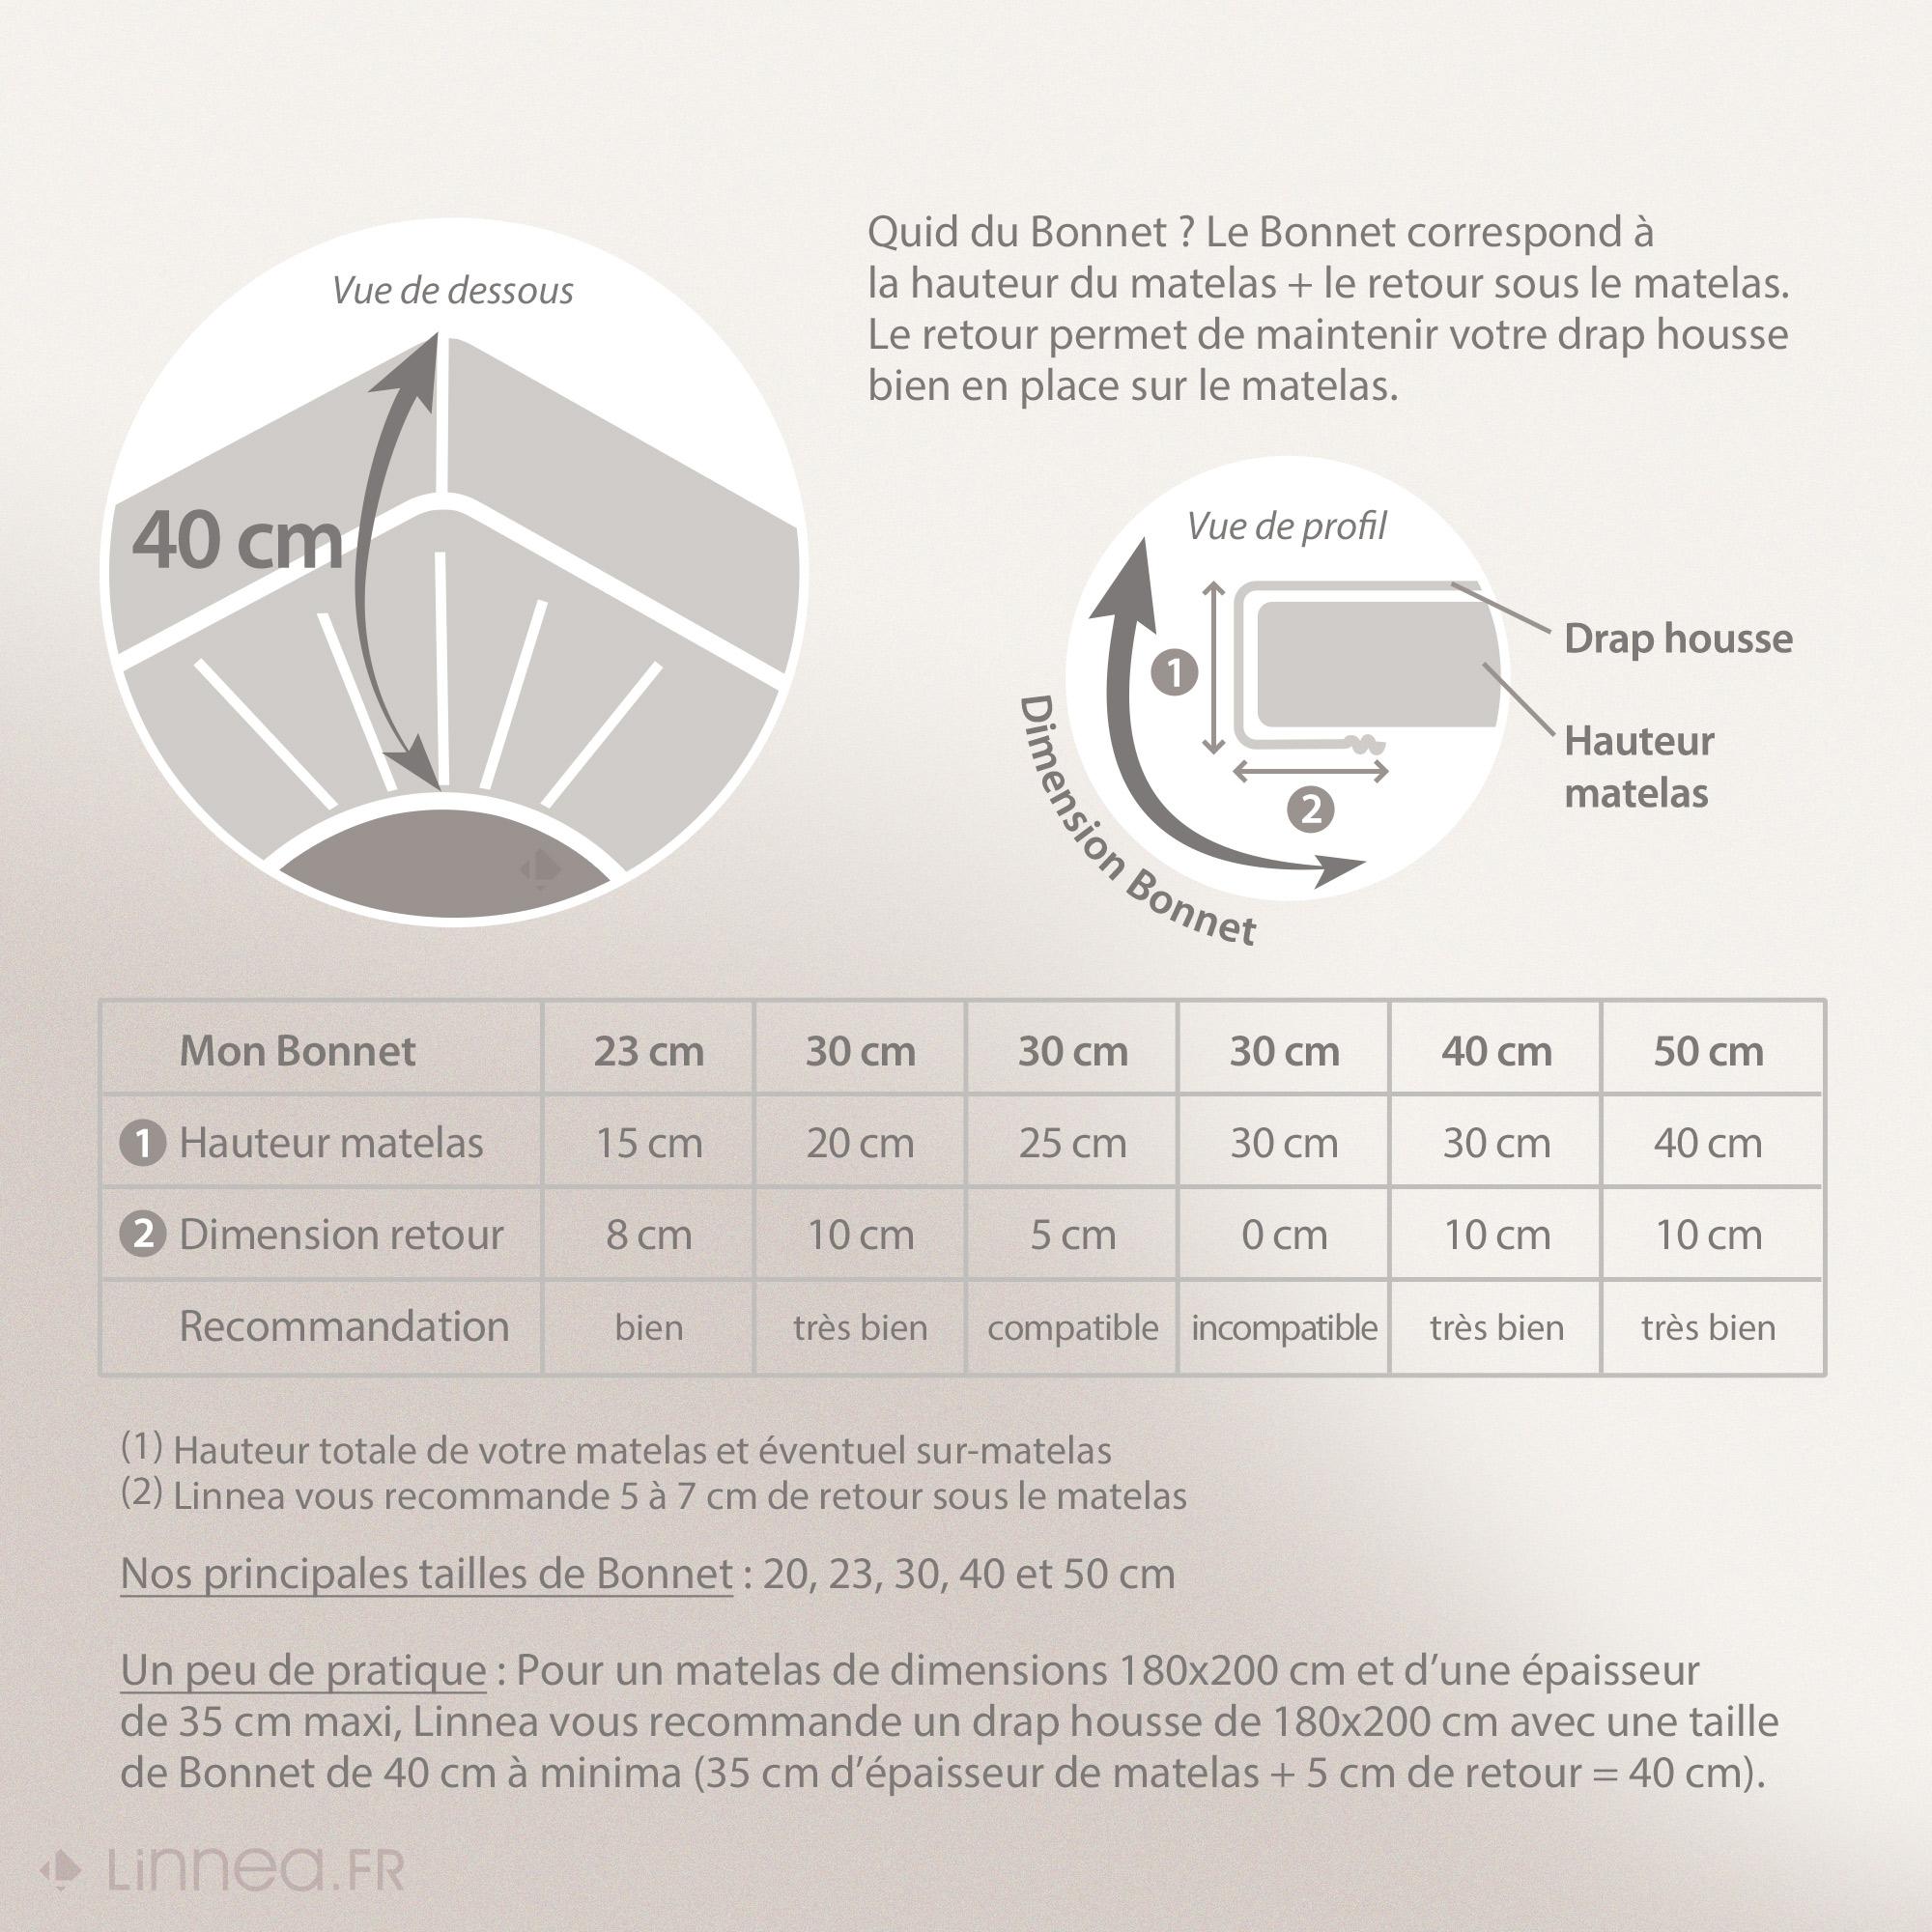 drap housse grand bonnet 40 PROTÈGE MATELAS IMPERMÉABLE Arnaud blanc 90x200 bon40cm   EUR  drap housse grand bonnet 40